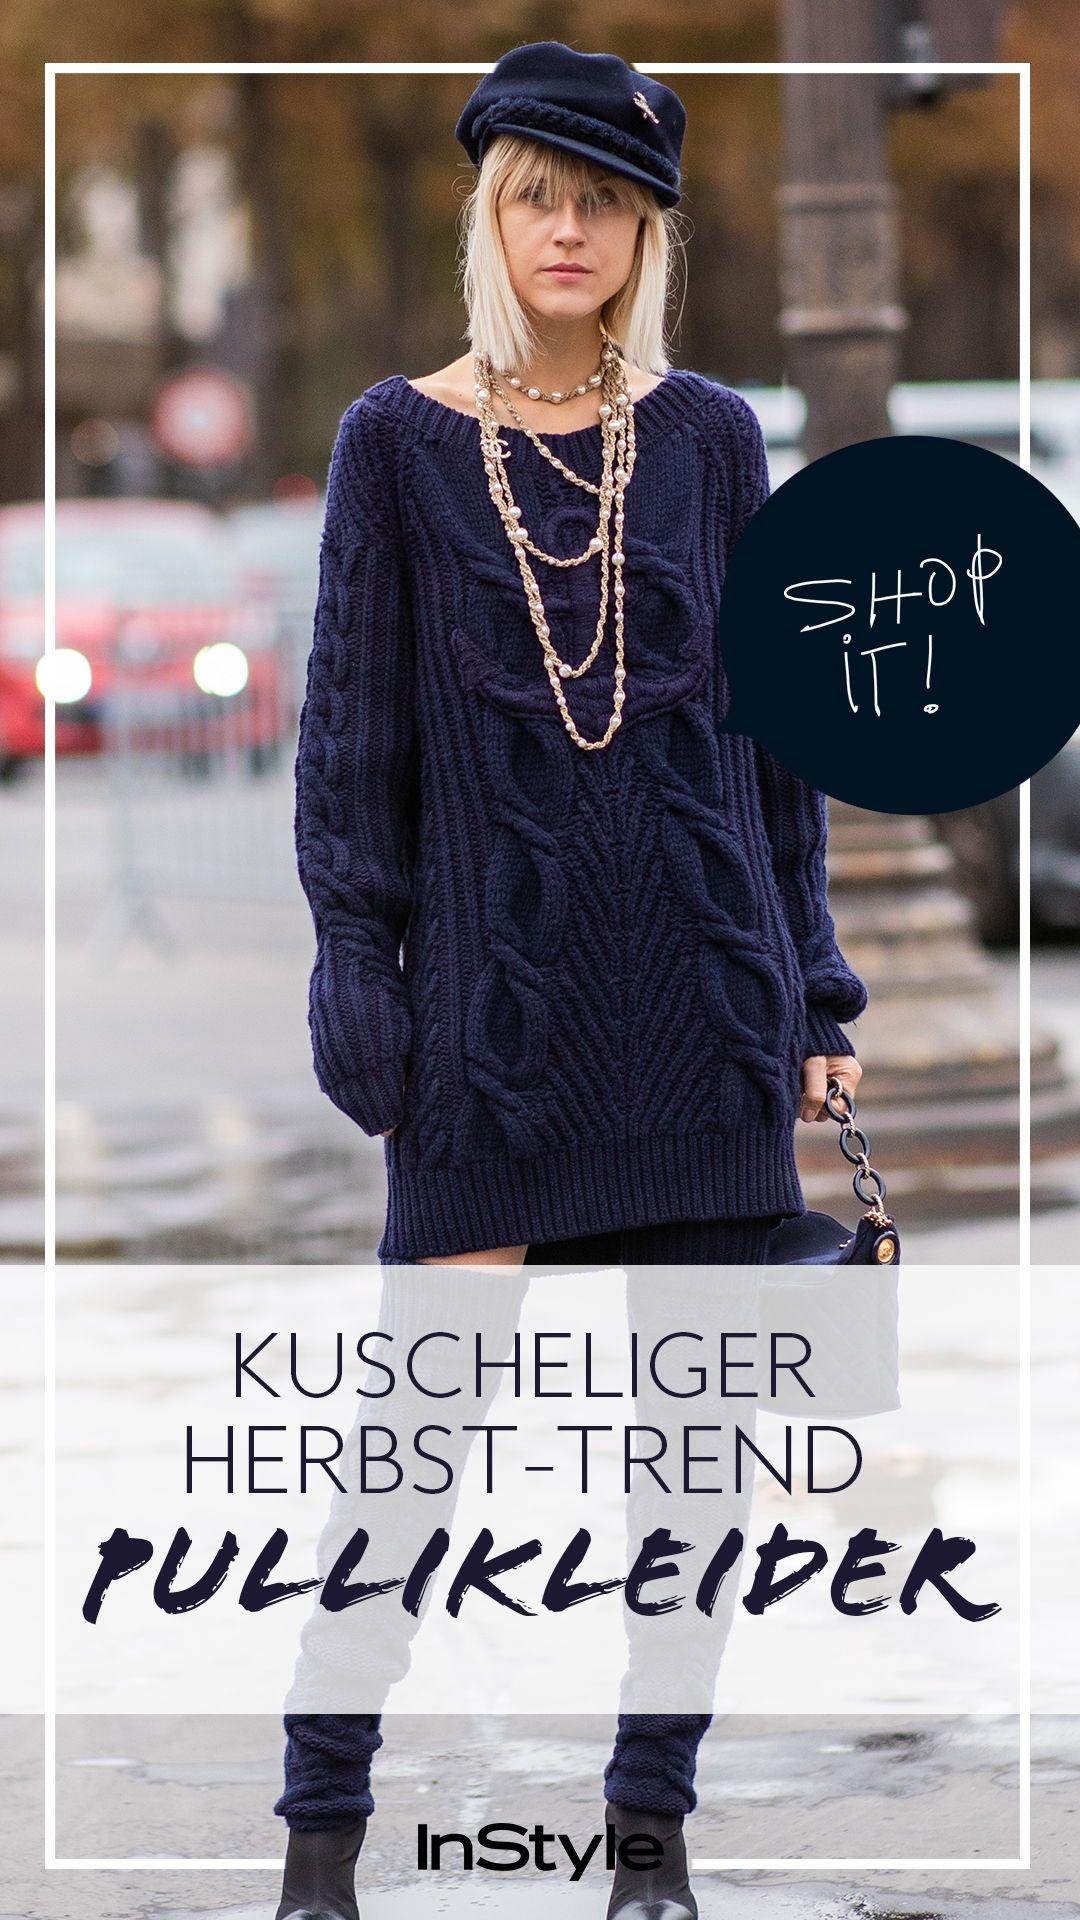 Kuscheliger Herbst-Trend: Shoppe hier die schönsten Pullikleider